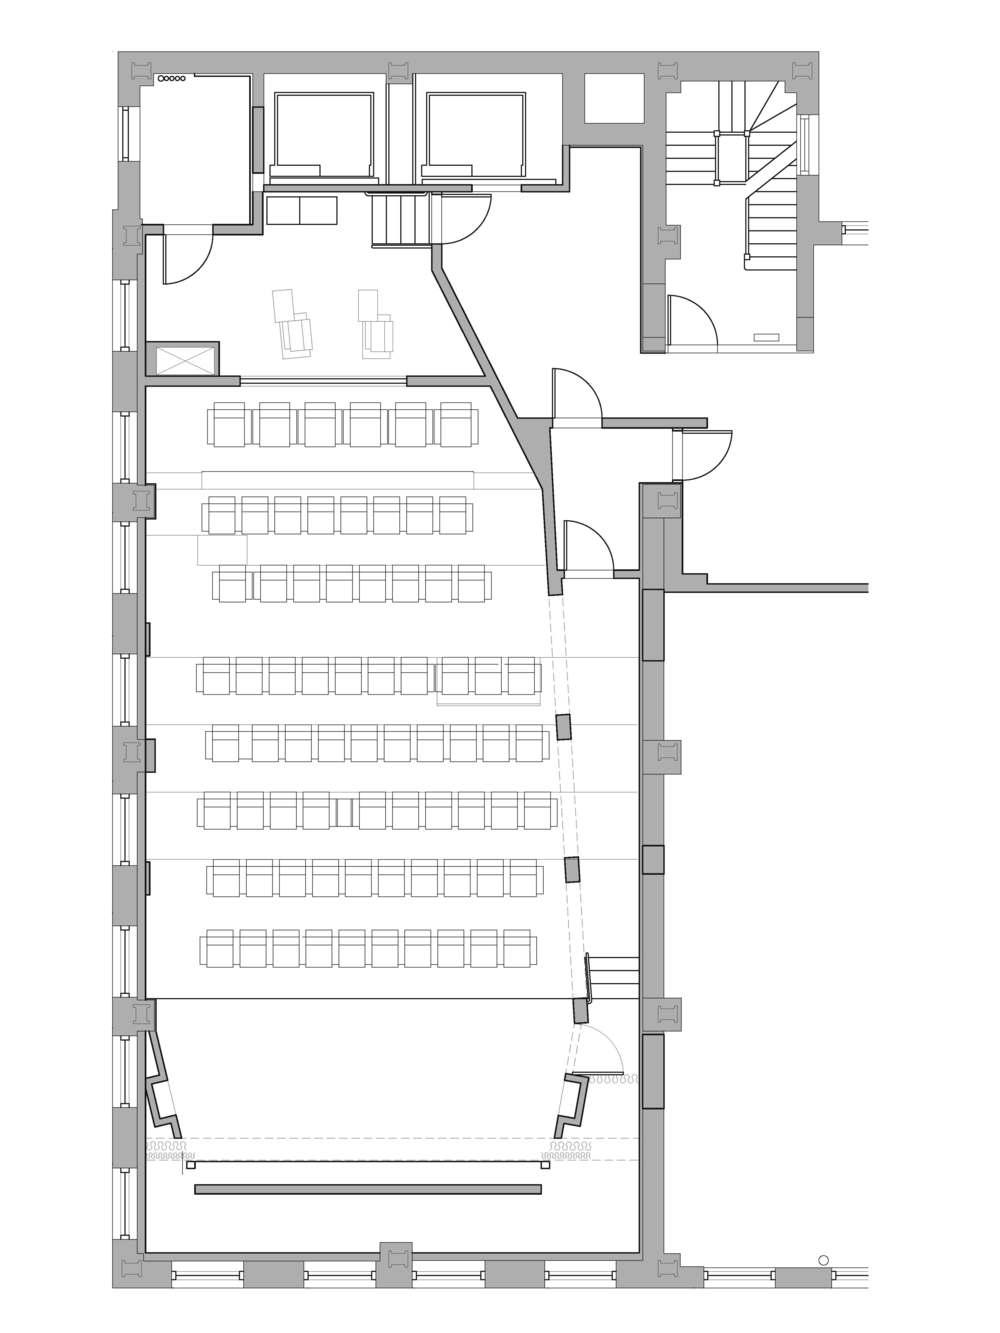 Plan - Tribeca Screening Room.jpg